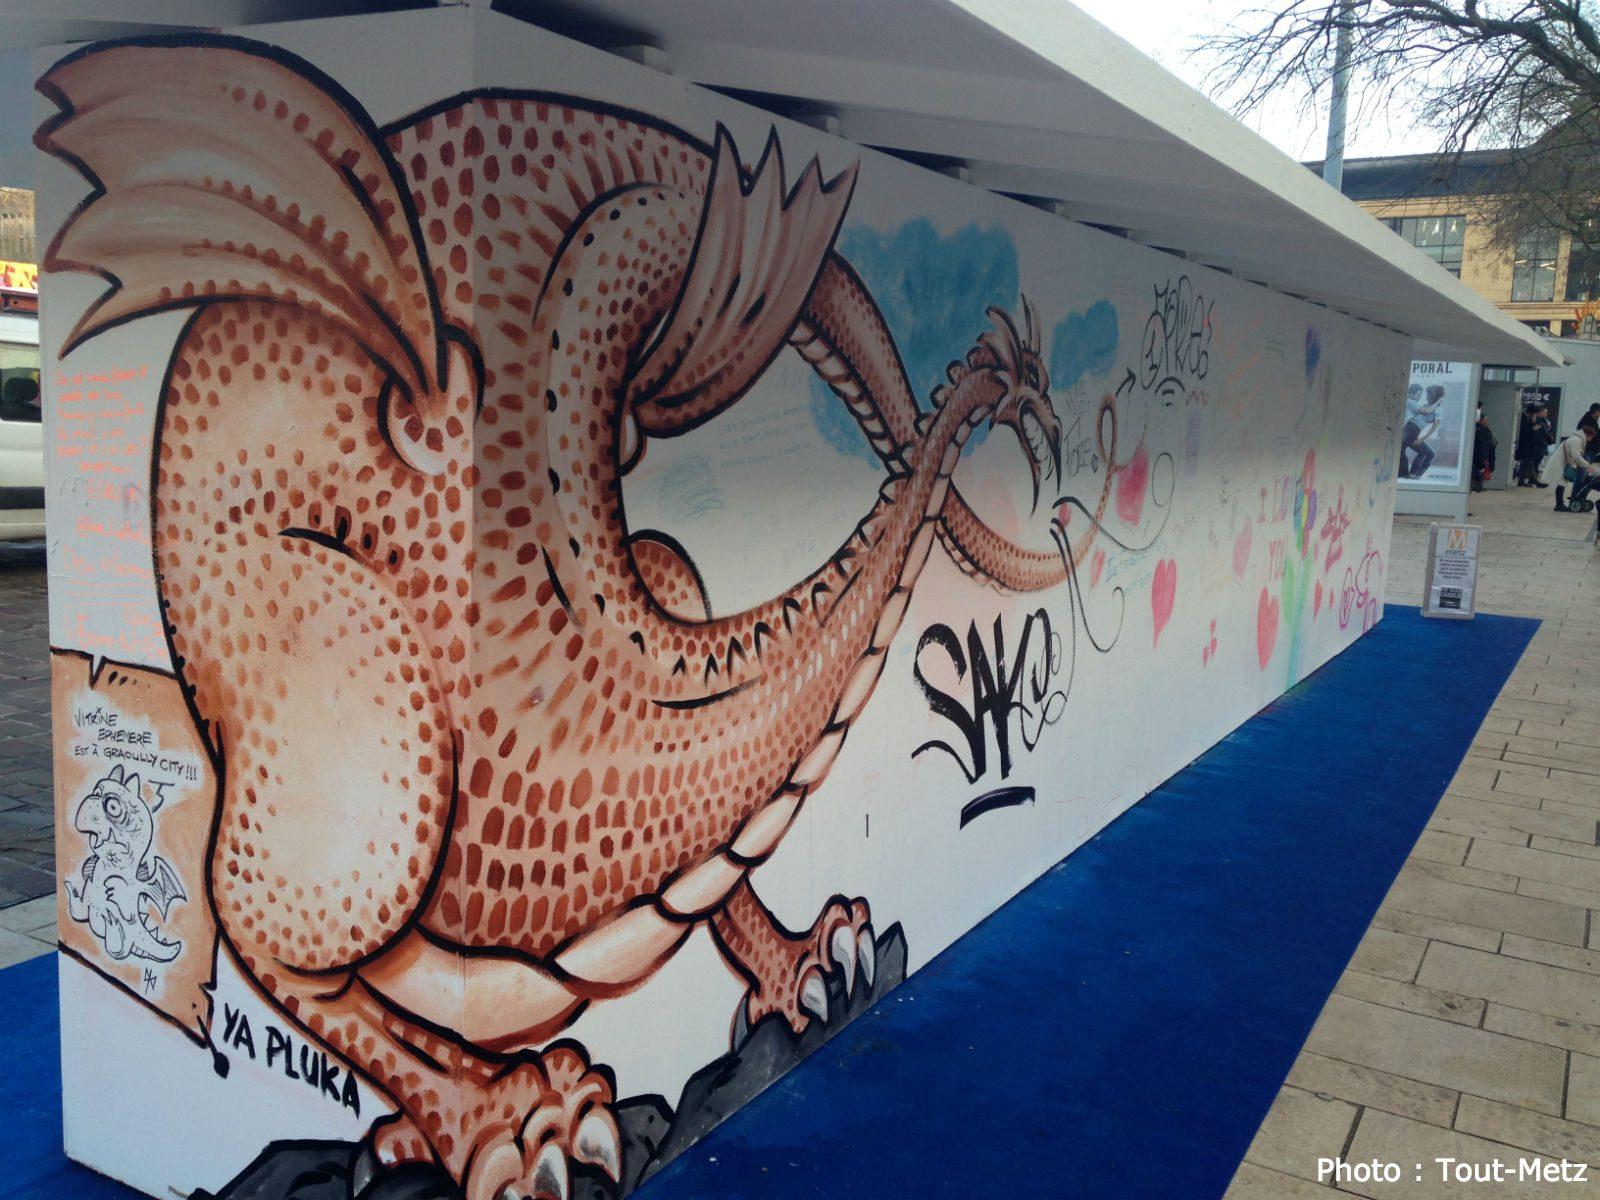 Retour en photos sur le mur d'expression de Metz